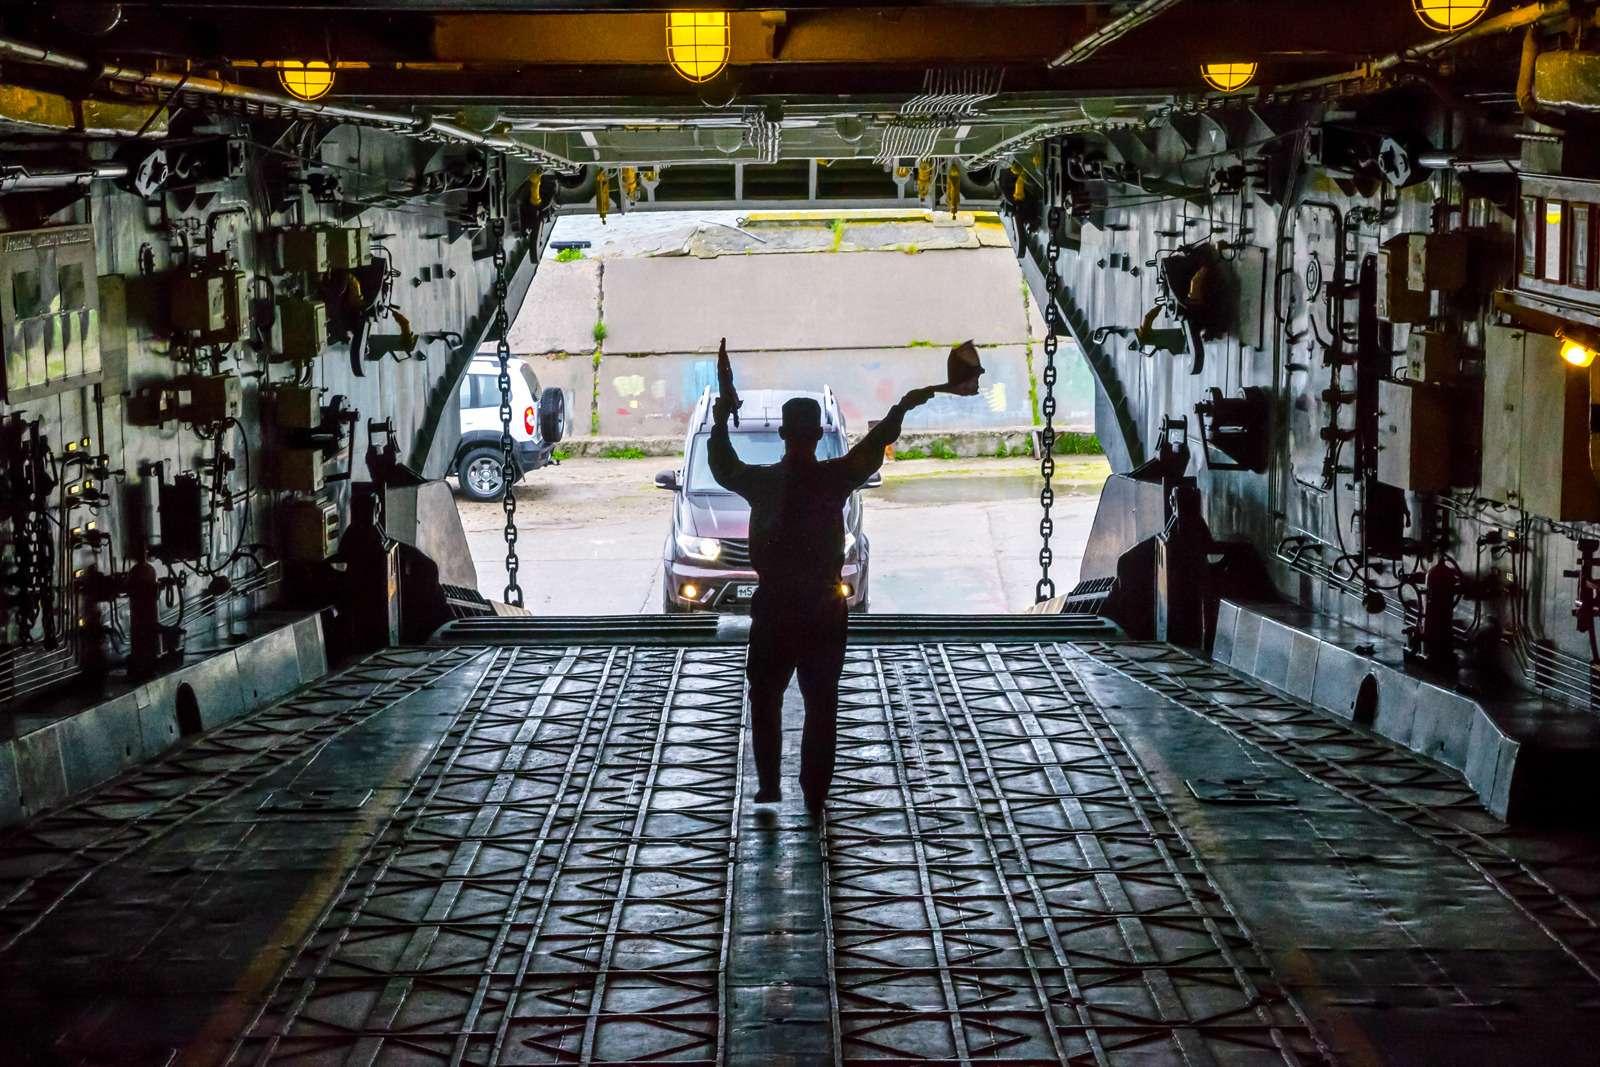 УАЗПатриот, Chevrolet Niva иRenault Duster: морской бой, или Русский десант вПрибалтике— фото 610159